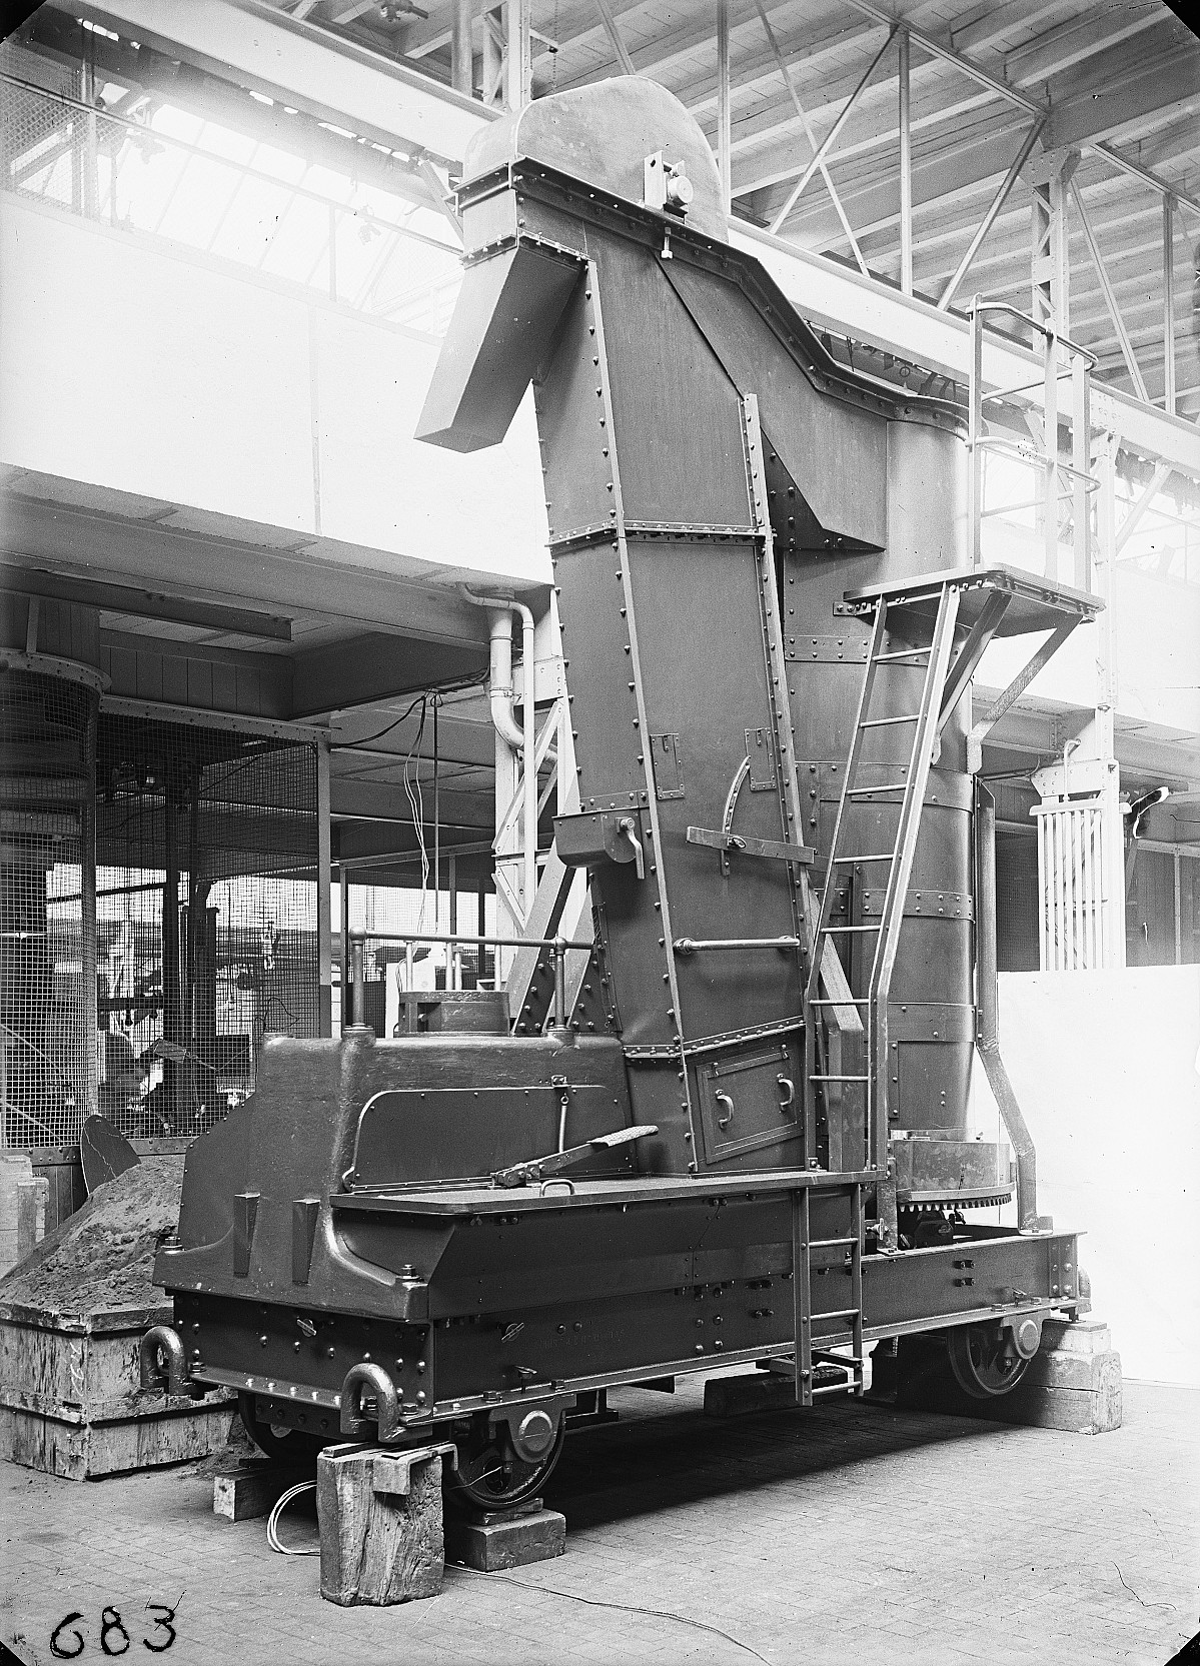 GFA 16/15201: Sand centrifuge carriage